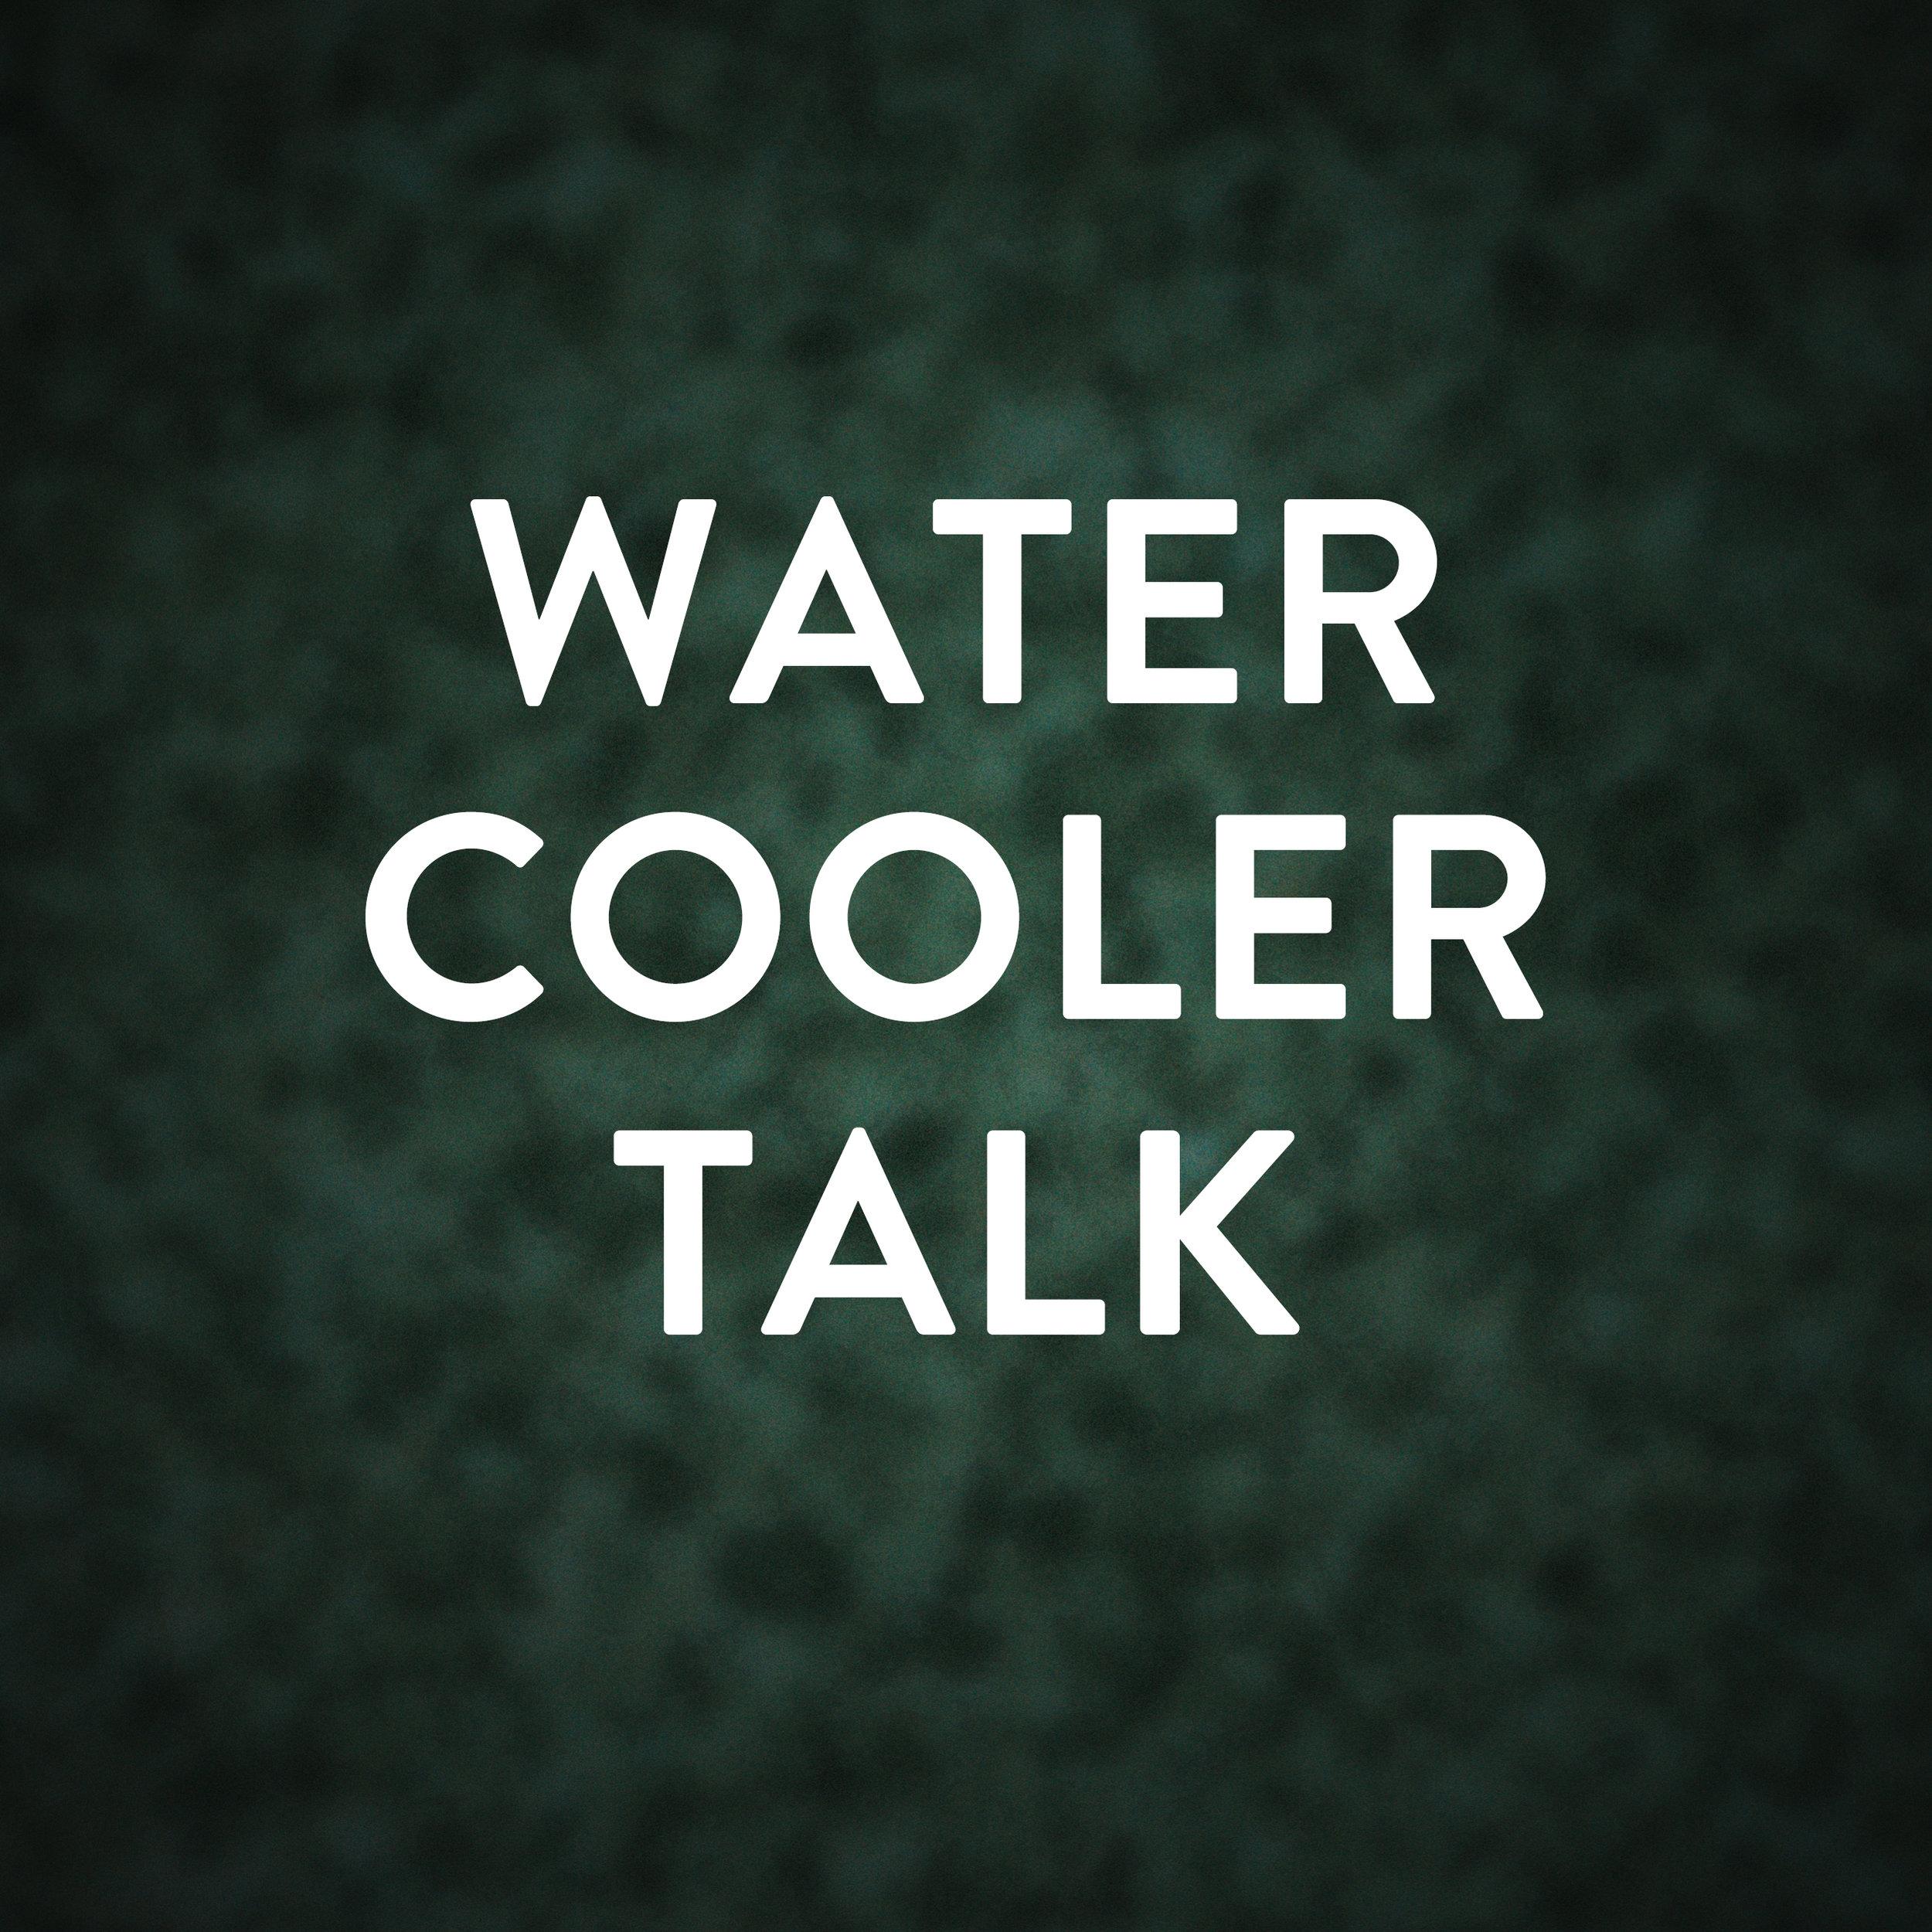 WaterCooler.jpg